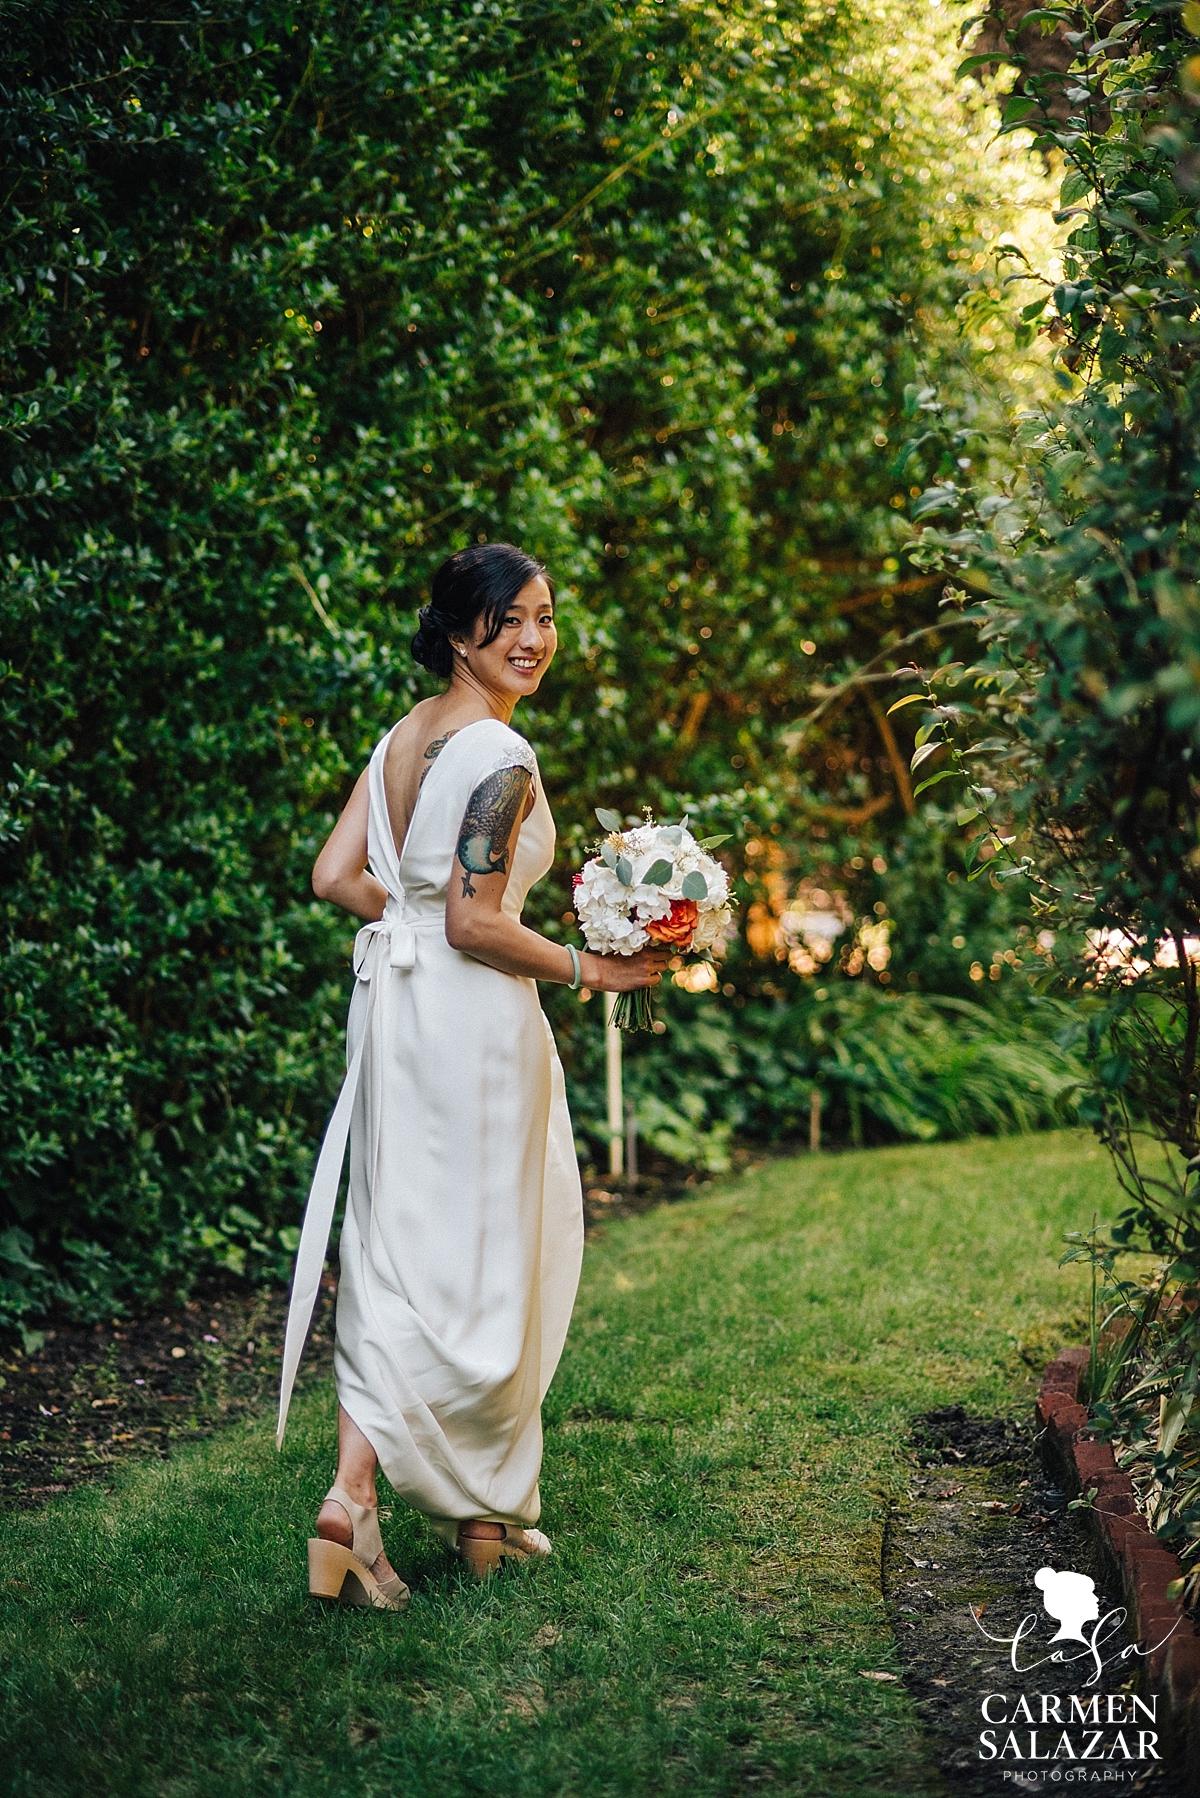 Happy bride leaving for outdoor ceremony - Carmen Salazar